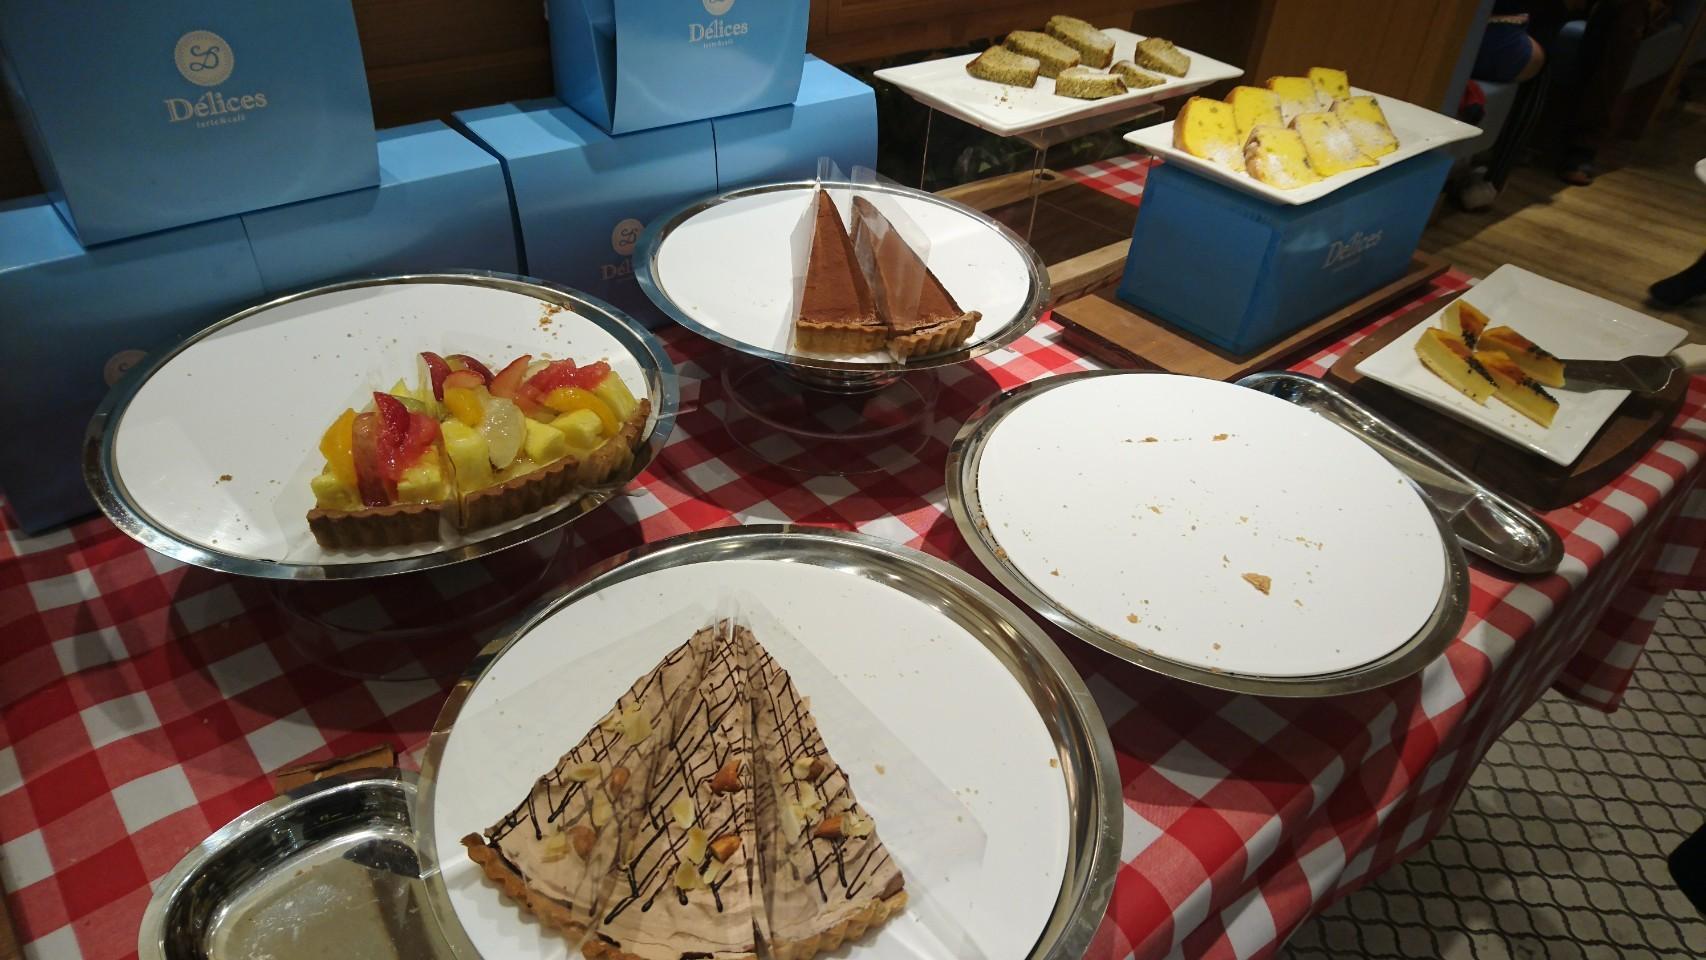 タルト食べ放題の「デリスタルト&カフェ」_1_3-1